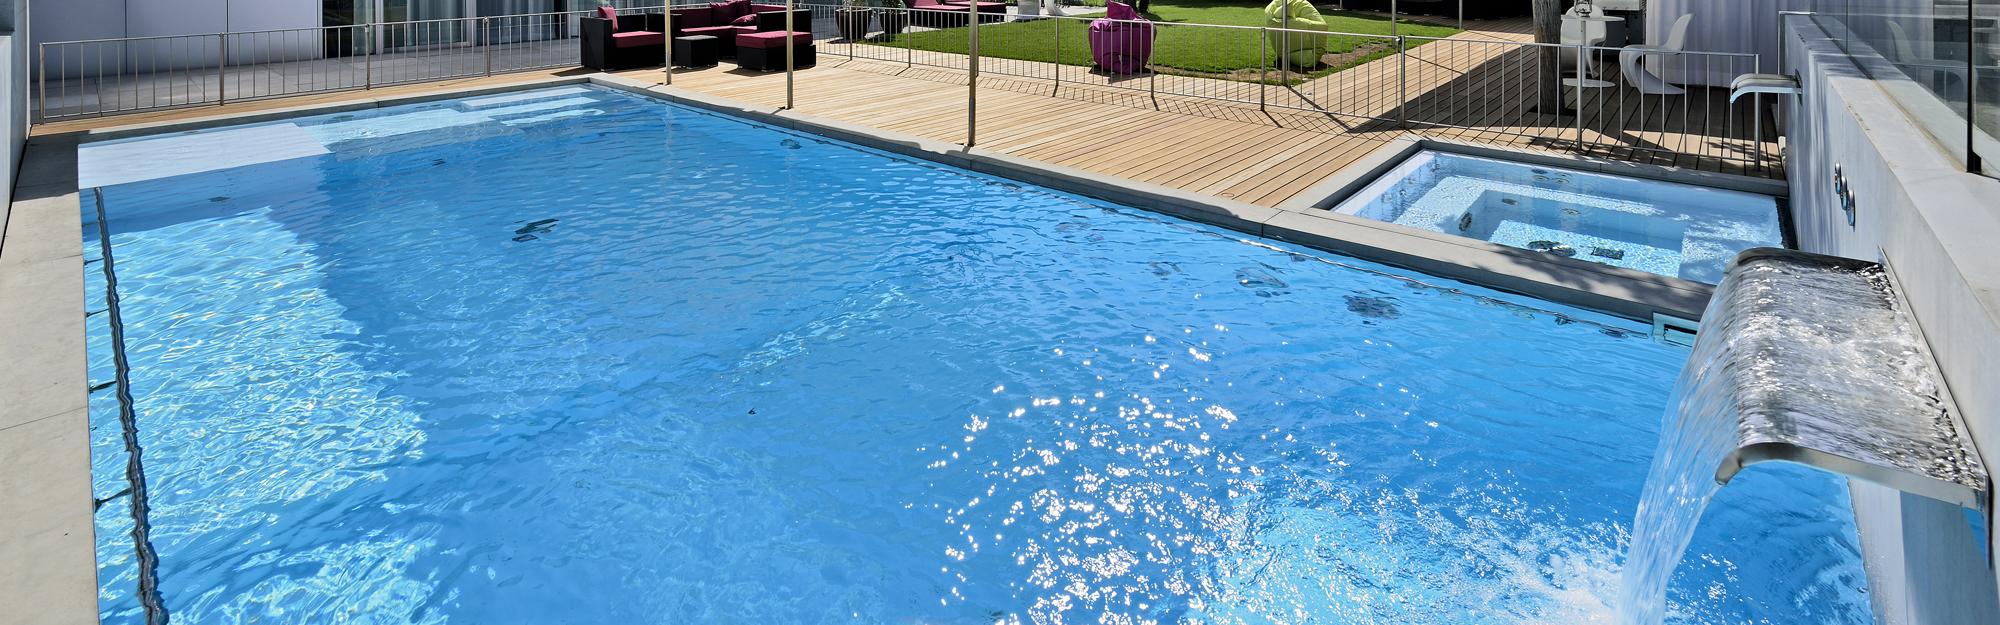 Monoblock zwembad veltmann geprefabriceerde zwembaden for Monoblock zwembad